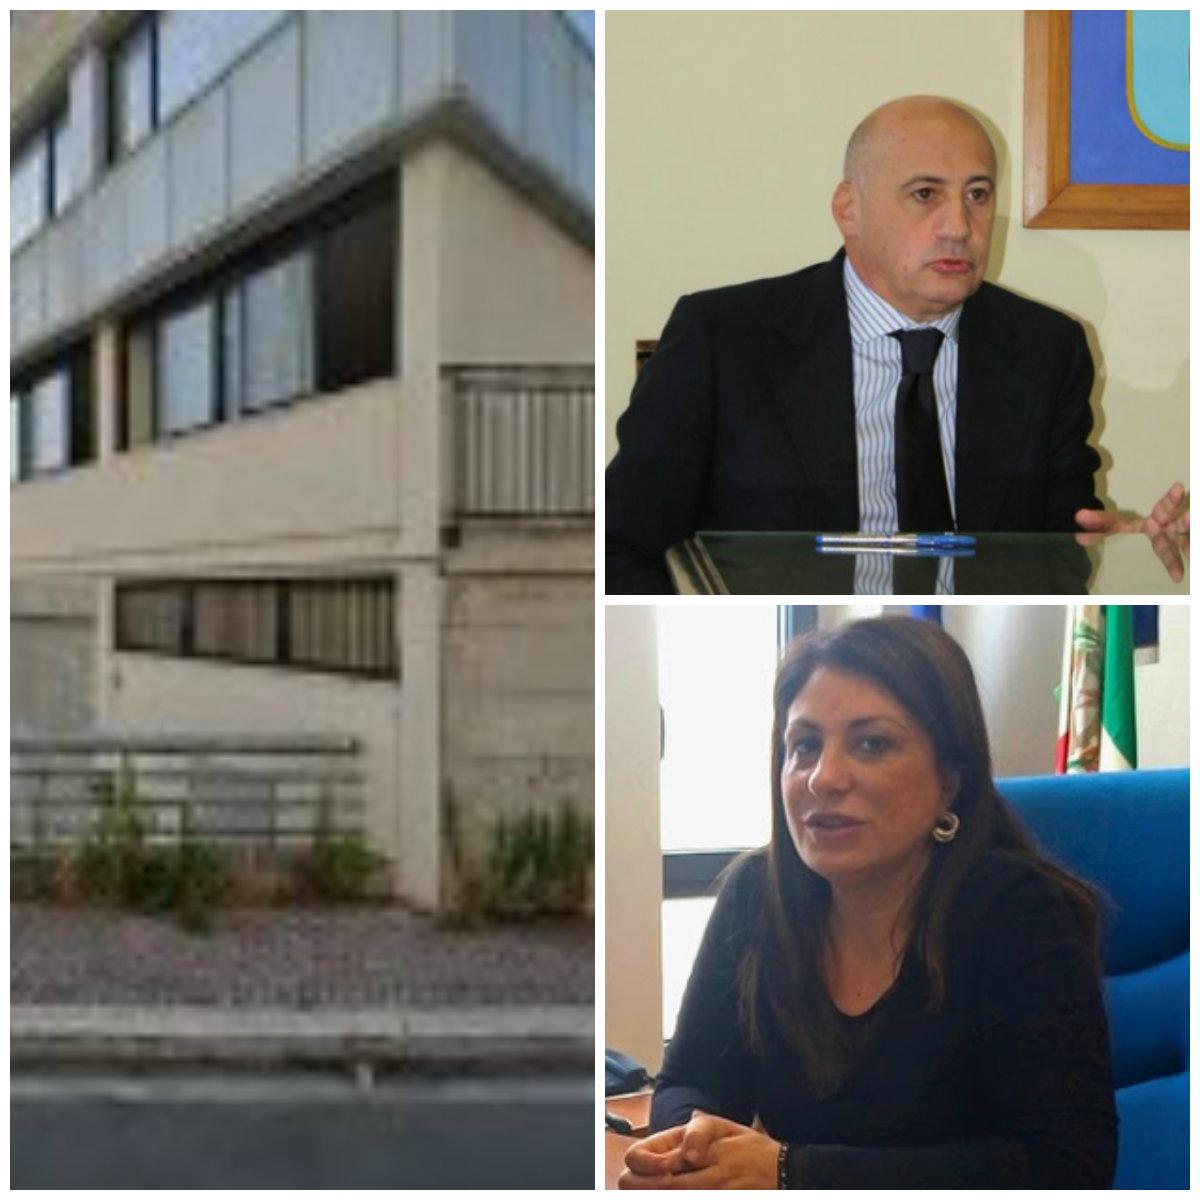 Uffici del Giudice di Pace a Latina, Giacomo Mignano e Caterina Chiaravalloti